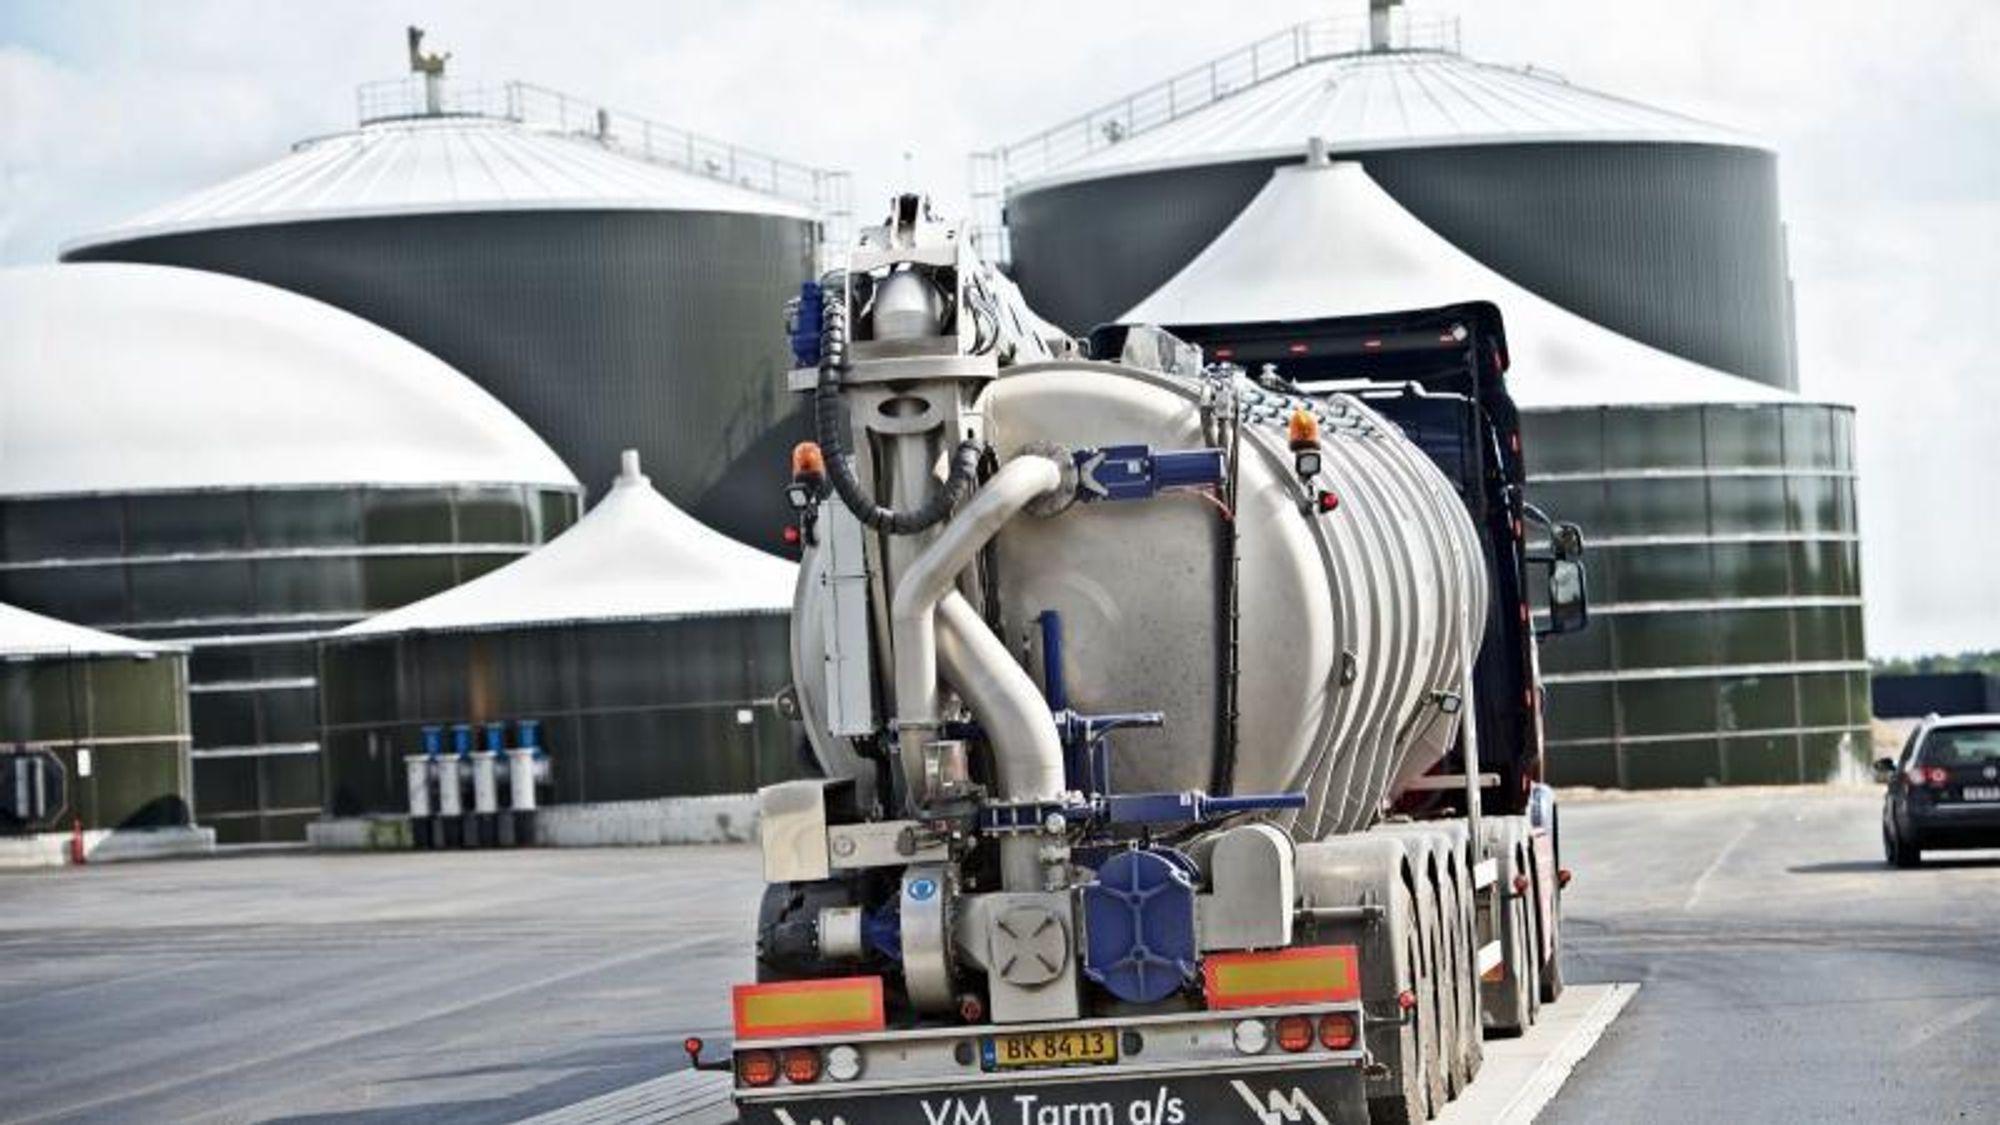 Sønderjysk Biogas ved Vojens er et av Danmarks største biogassanlegg, og ble åpnet høsten 2016.